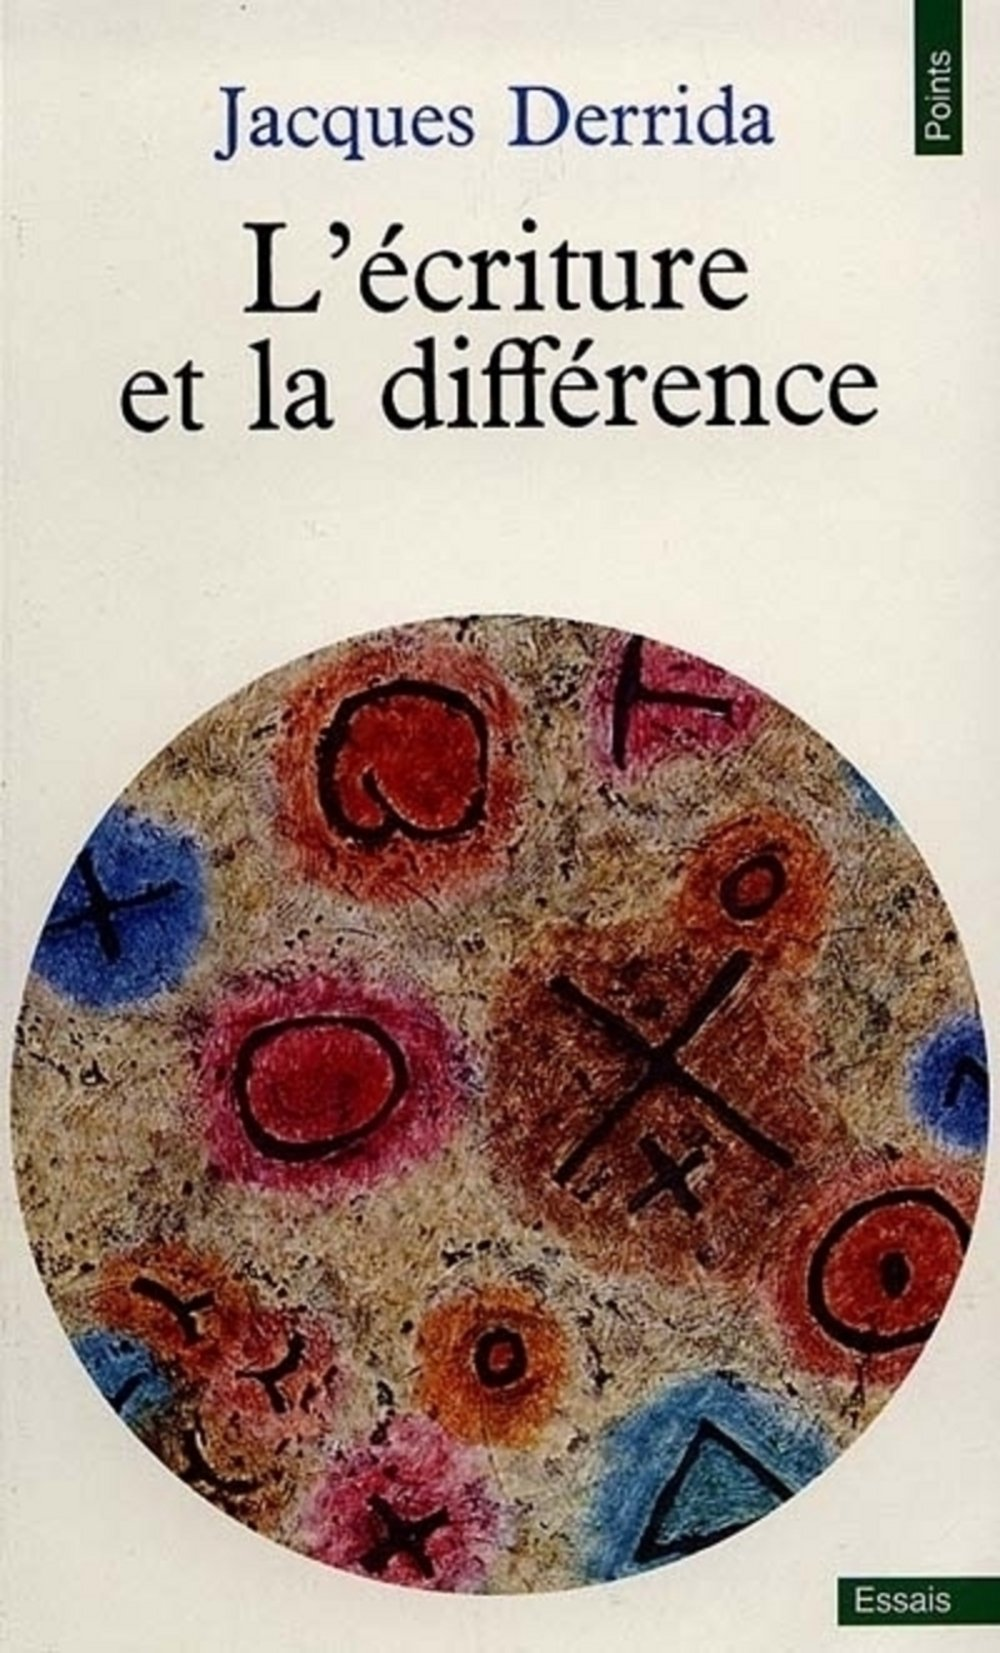 L'écriture et la différence Poche – 1 avril 1979 Jacques Derrida Seuil 2020051826 VI-2020051826